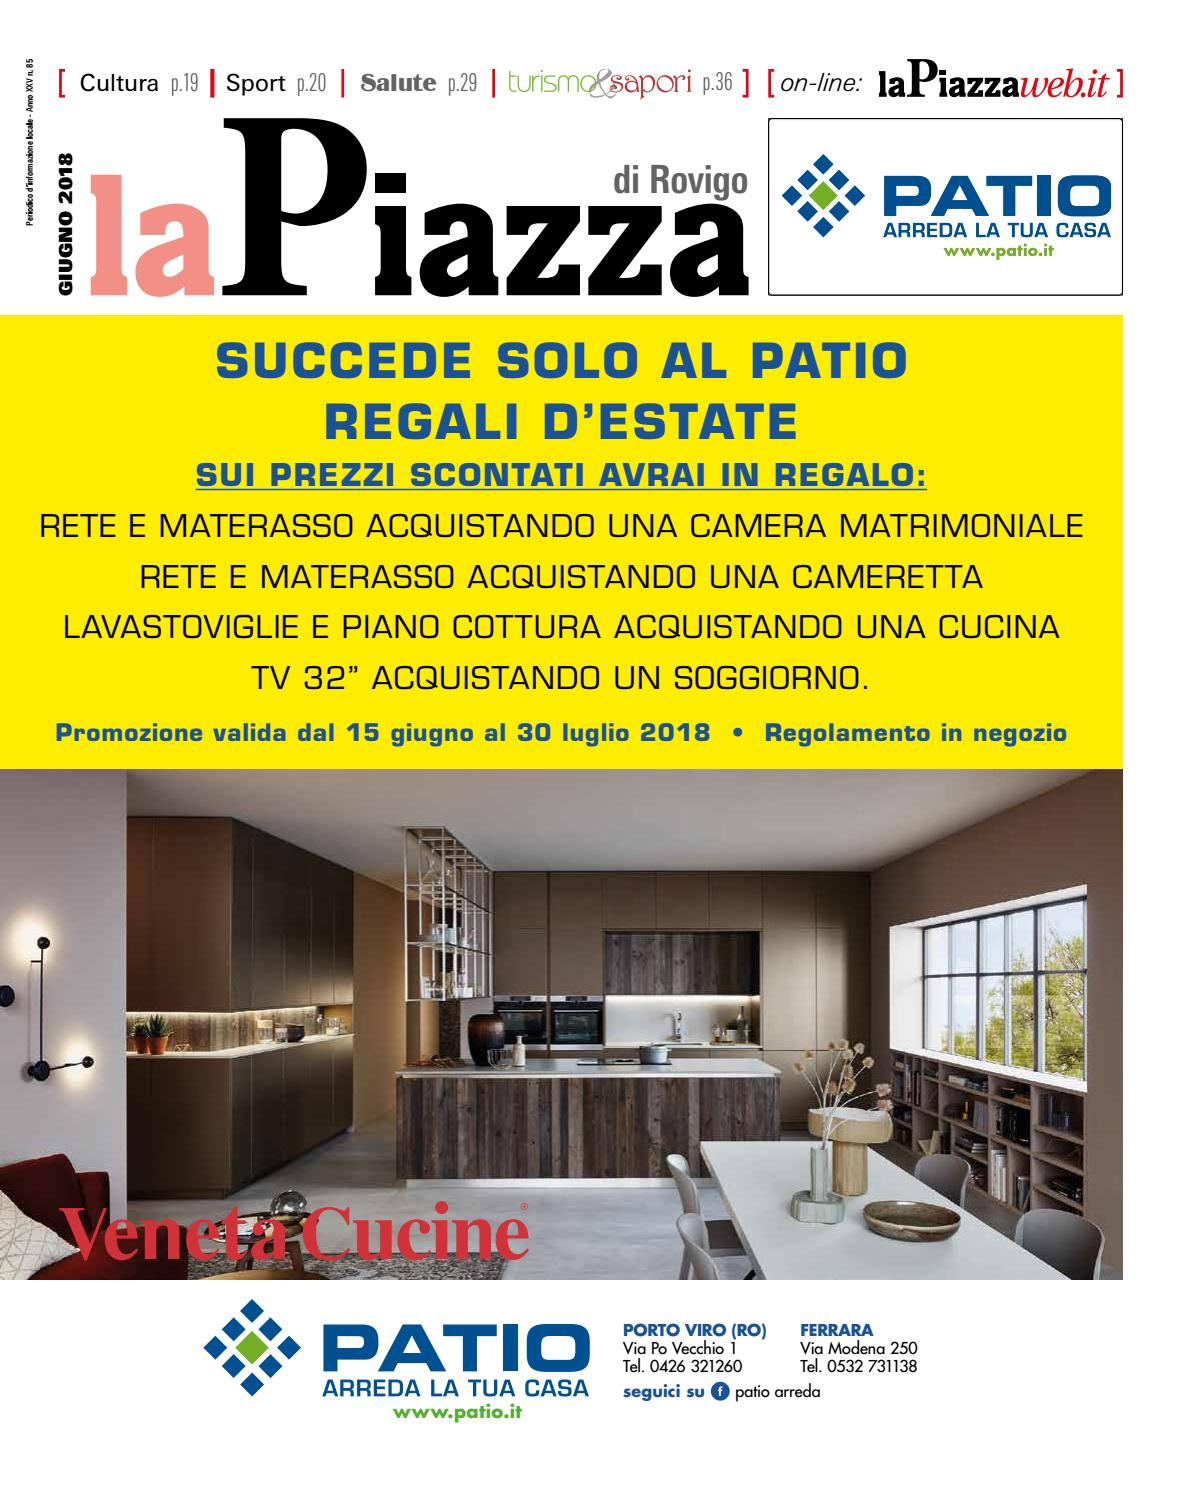 Rovigo giu2018 n85 by lapiazza give emotions - issuu